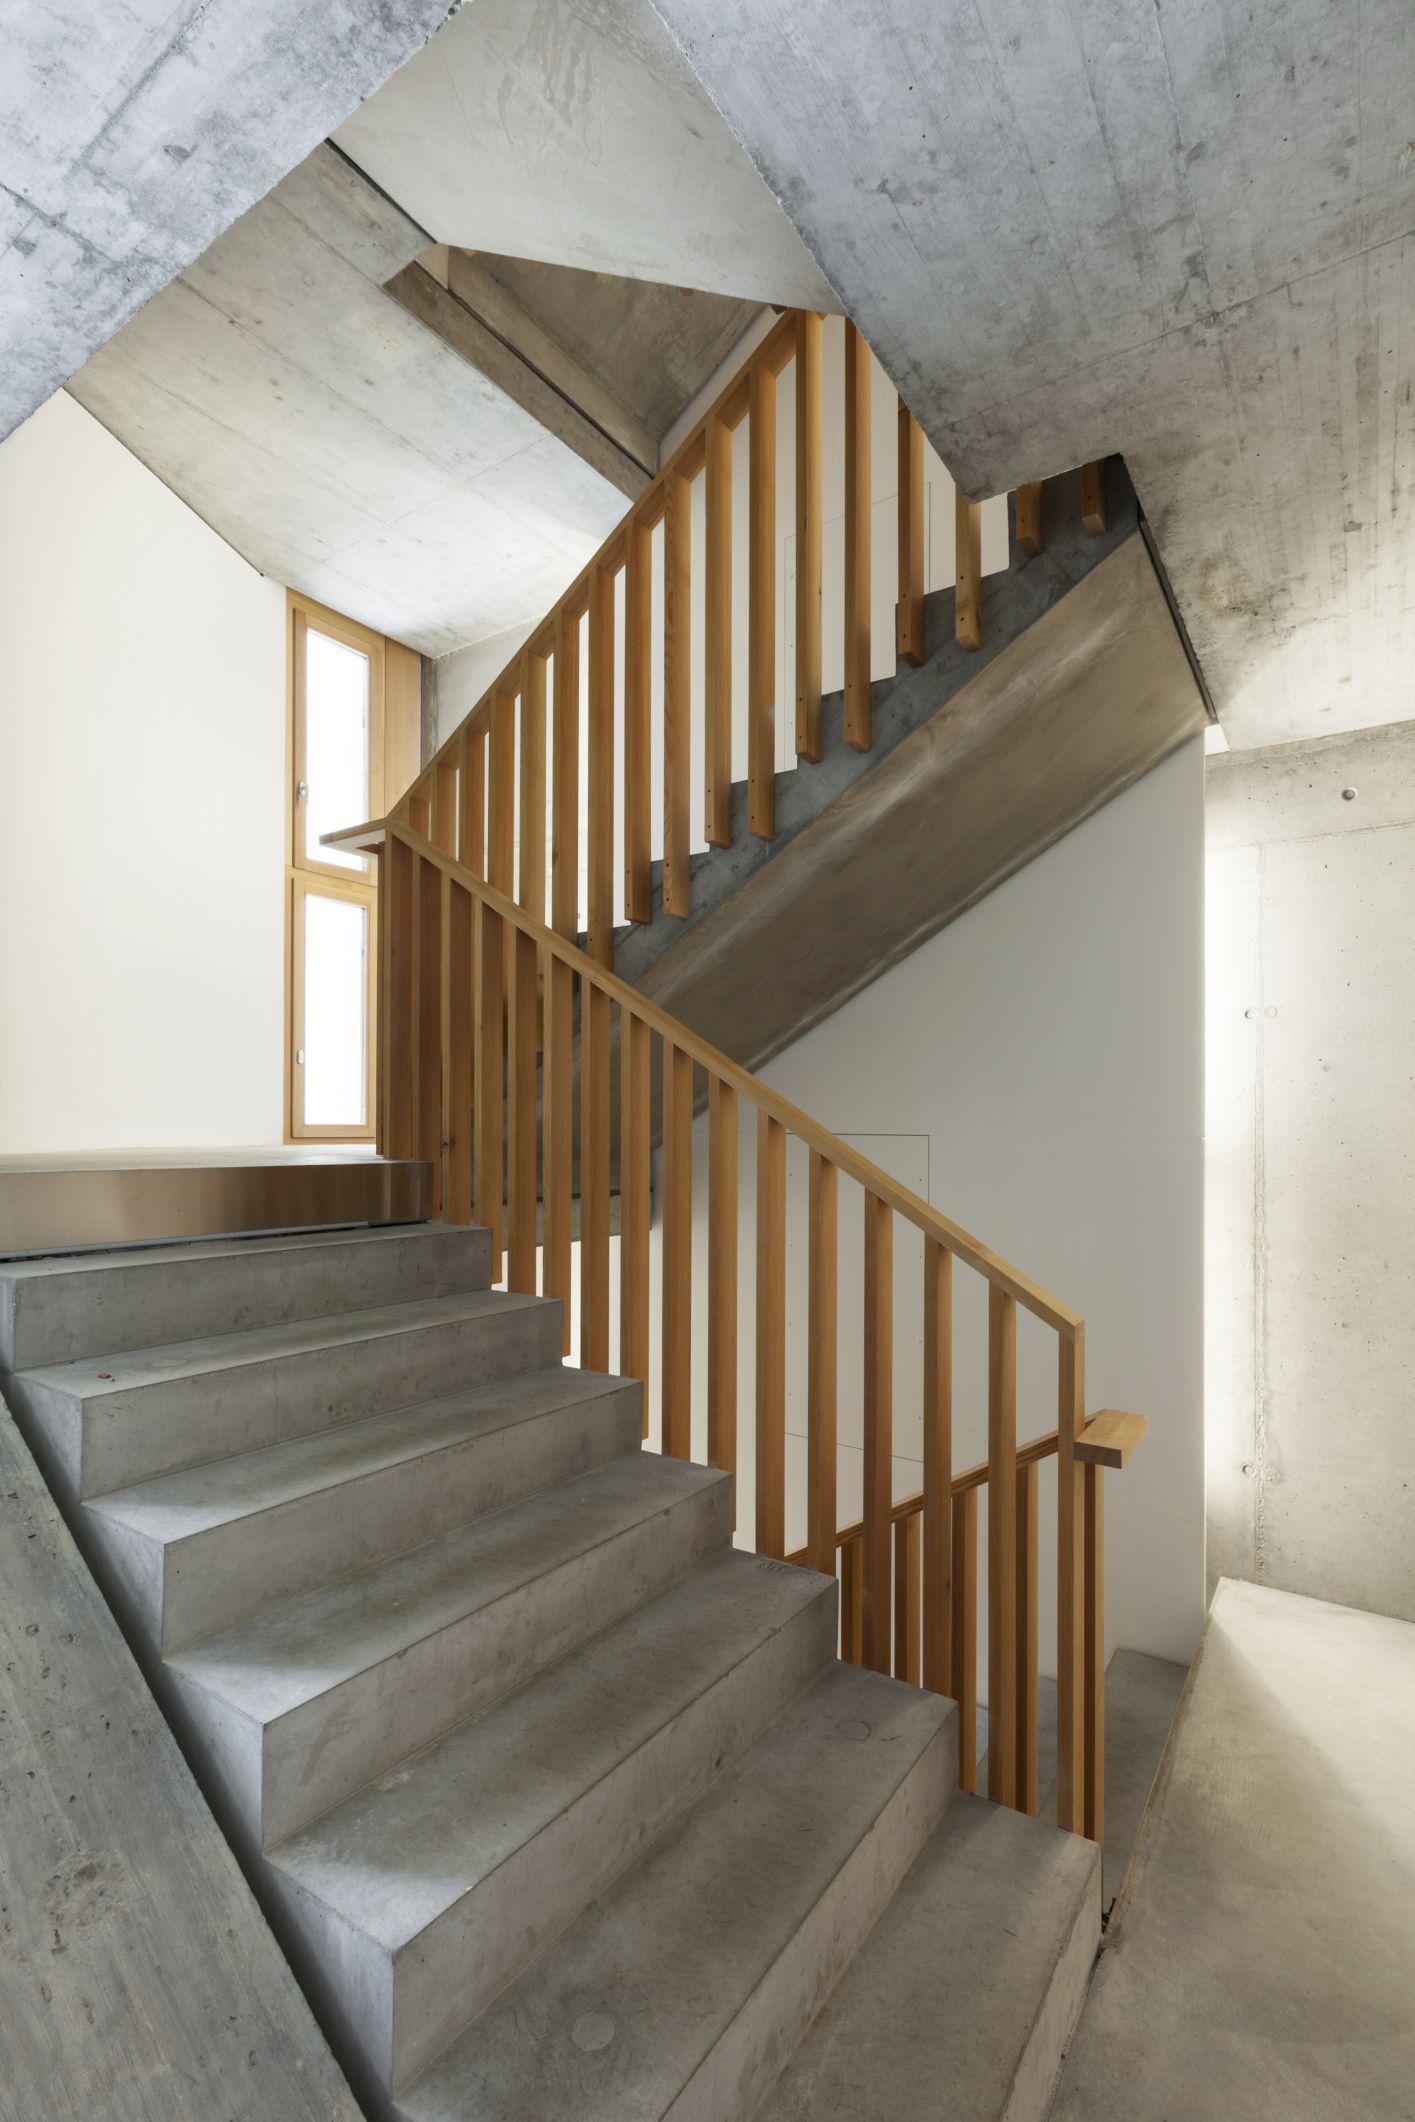 101 Staircase Design Ideas Photos Klatki Schodowe   Concrete Stair Design For Small House